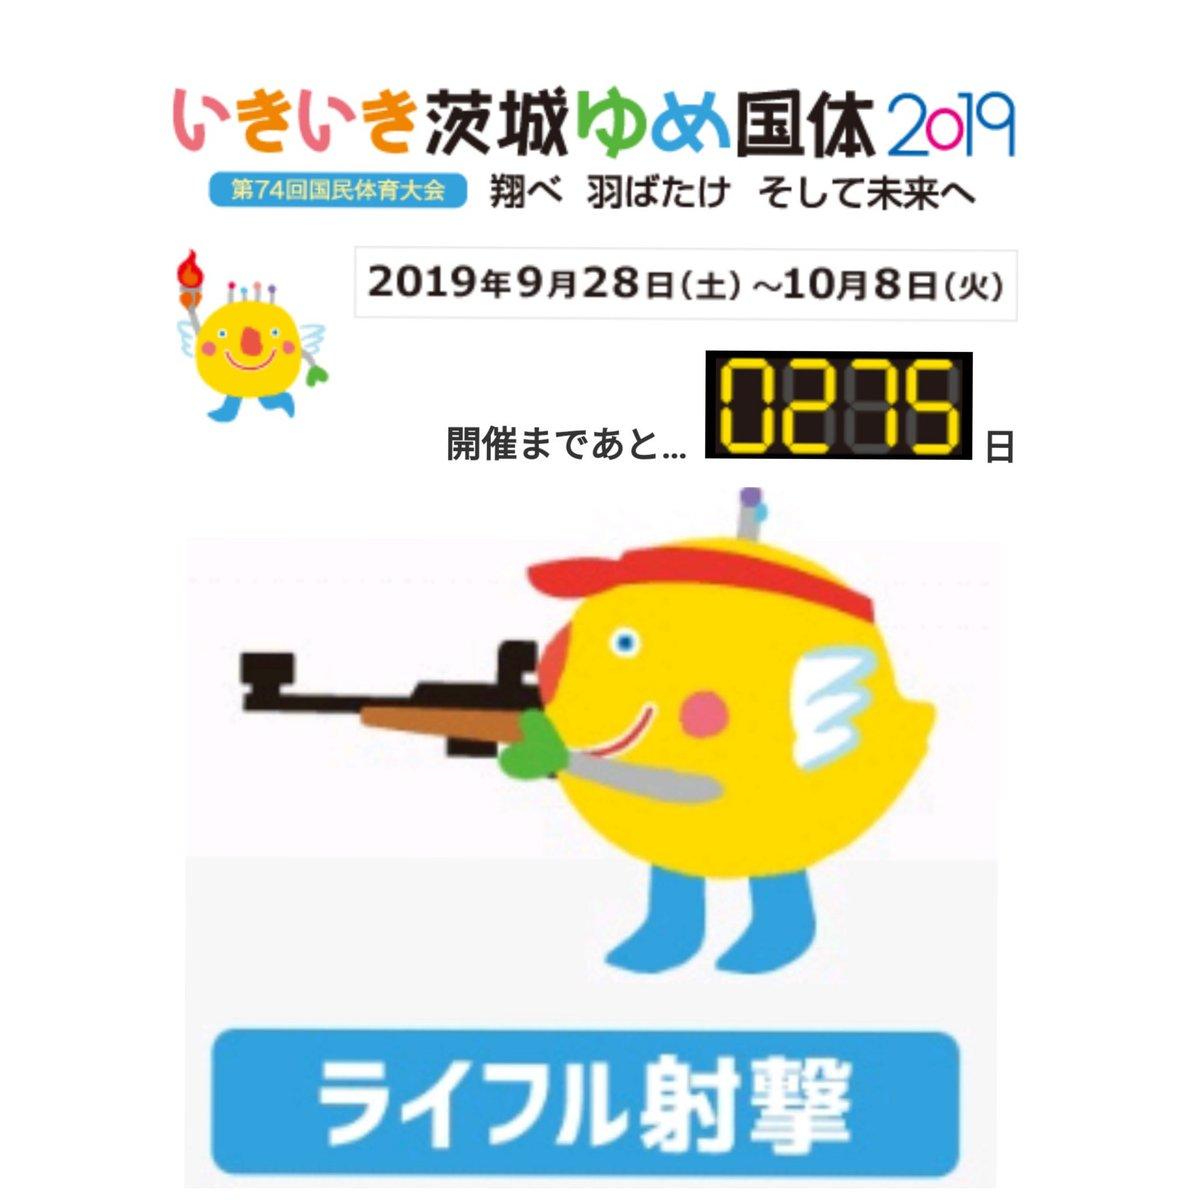 国体 射撃 茨城 ライフル